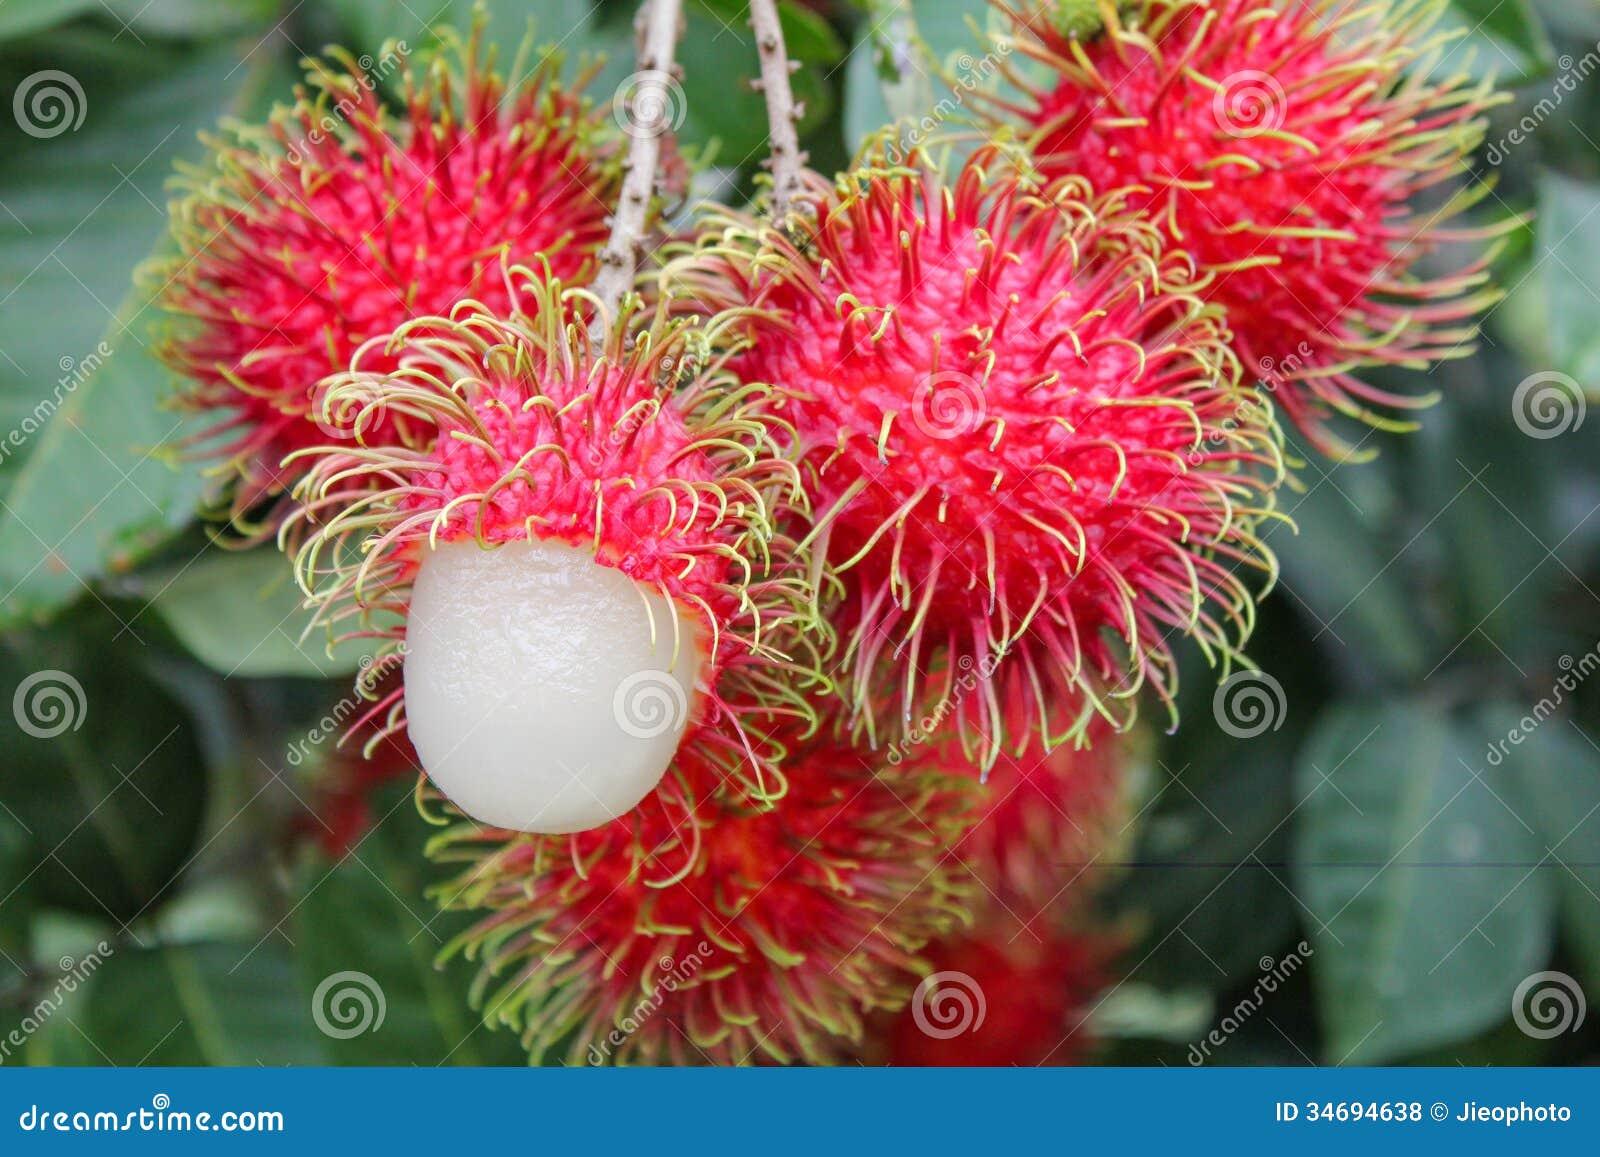 Fruta Tropical, Rambutan En árbol Fotos de archivo libres ...